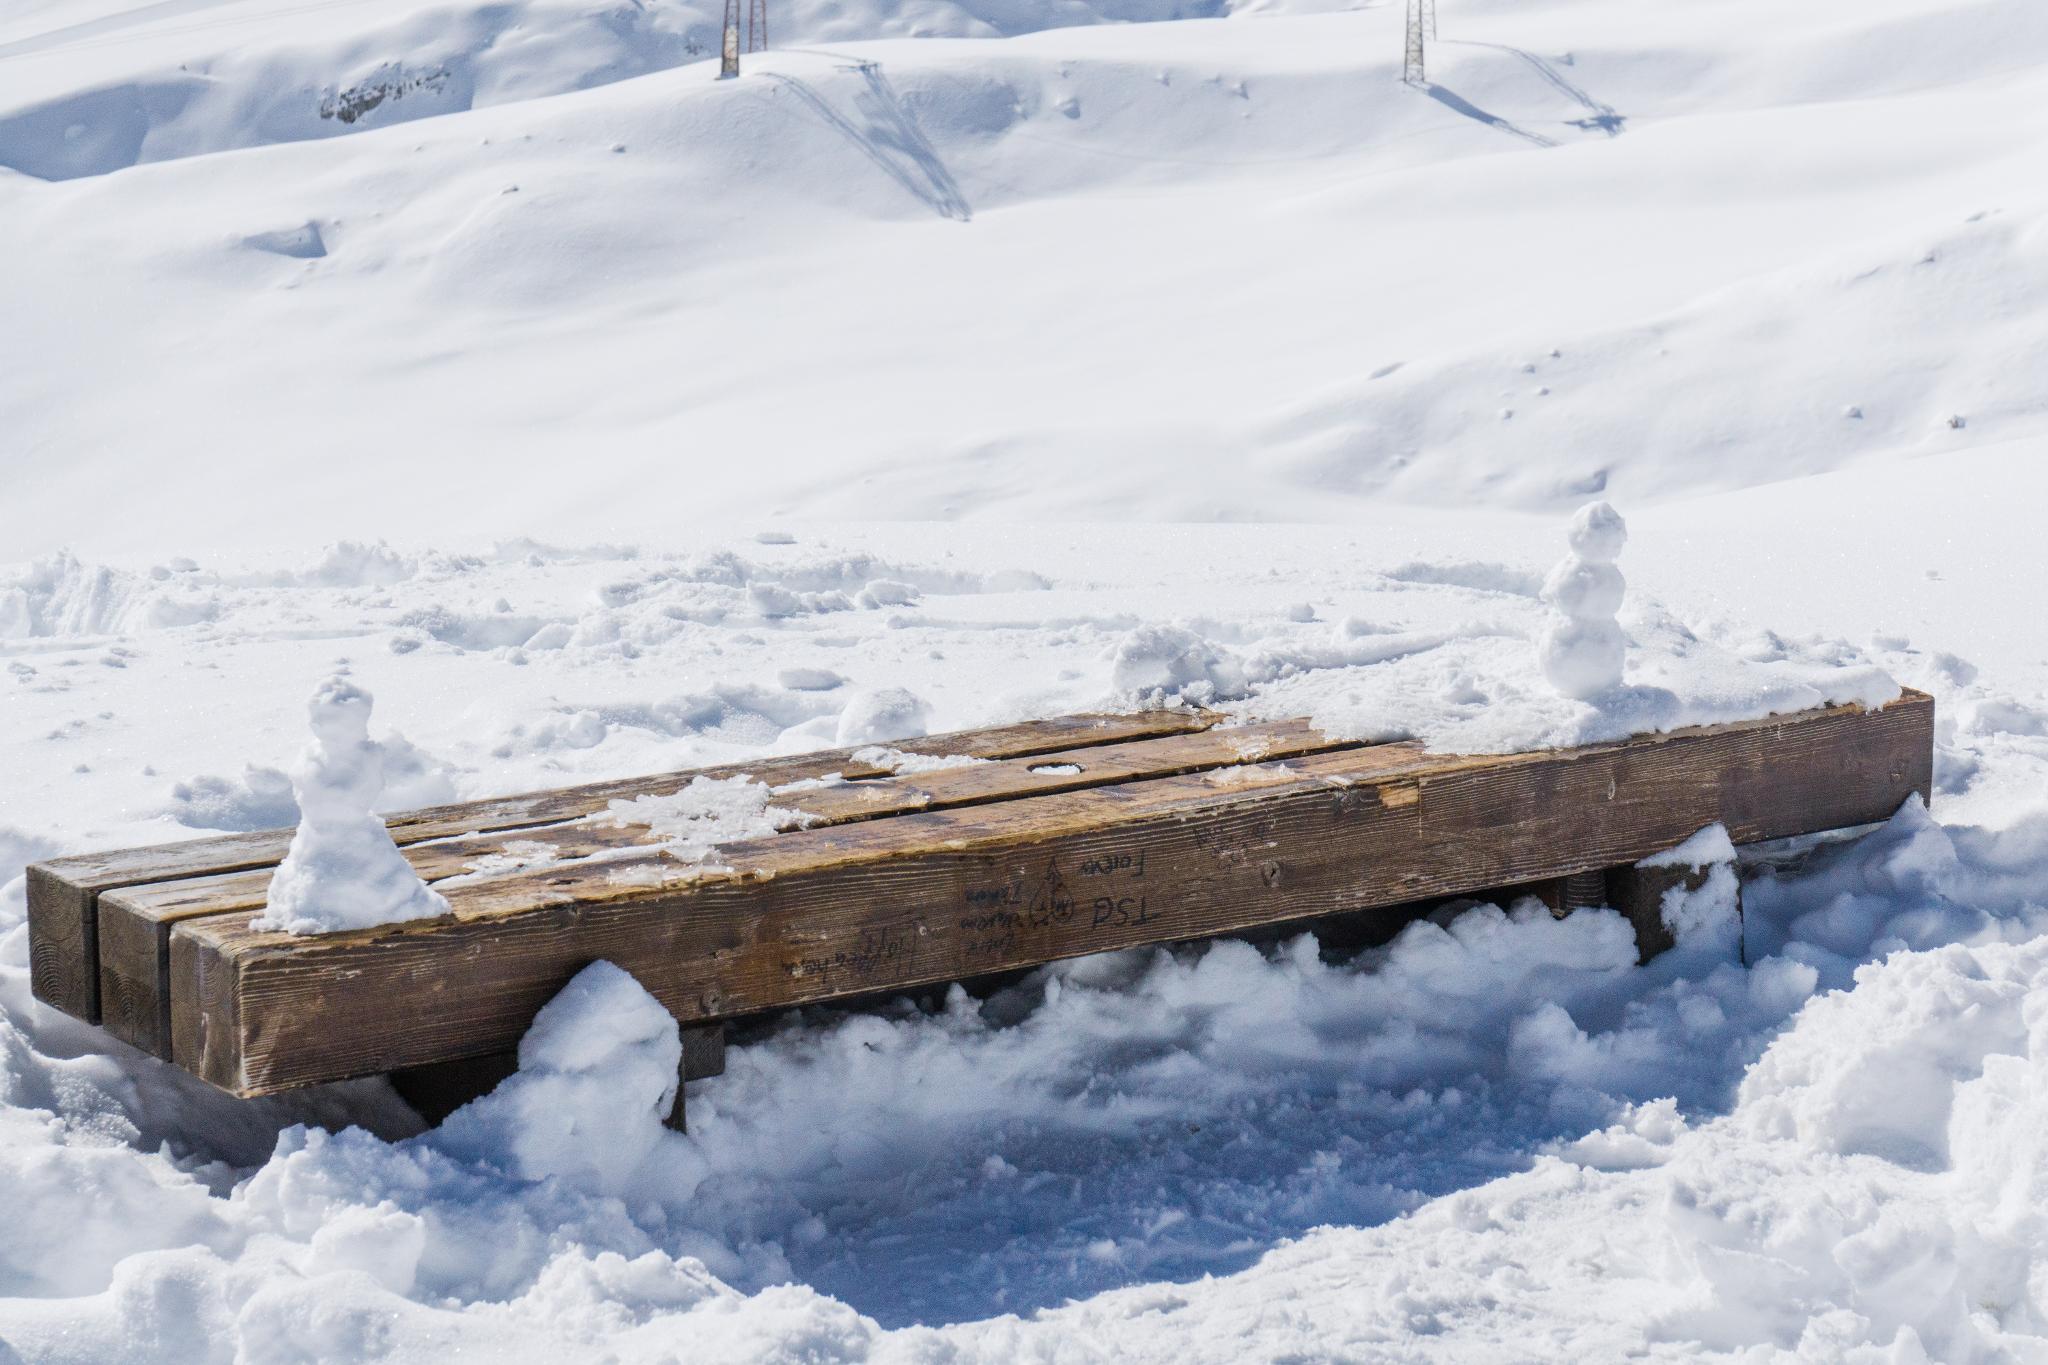 【德國】阿爾卑斯大道:楚格峰 (Zugspitze) 登上德國之巔 26